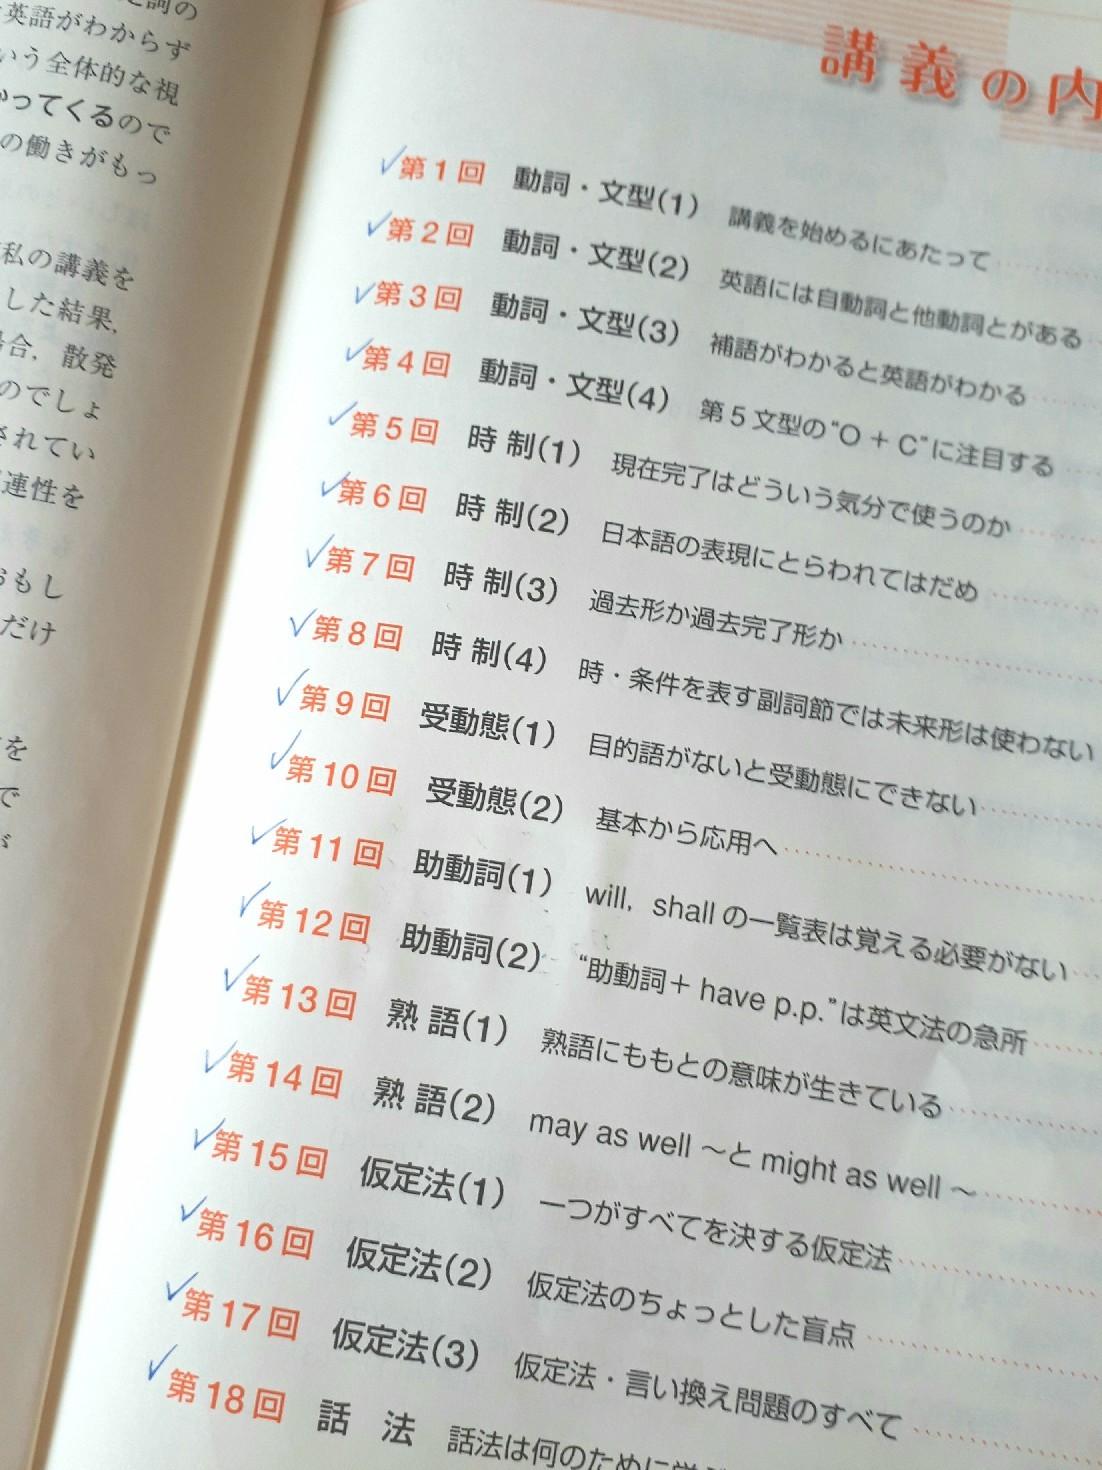 落ちこぼれ英語クラブ★5《文法を学ぶ②》_e0379544_14554346.jpg